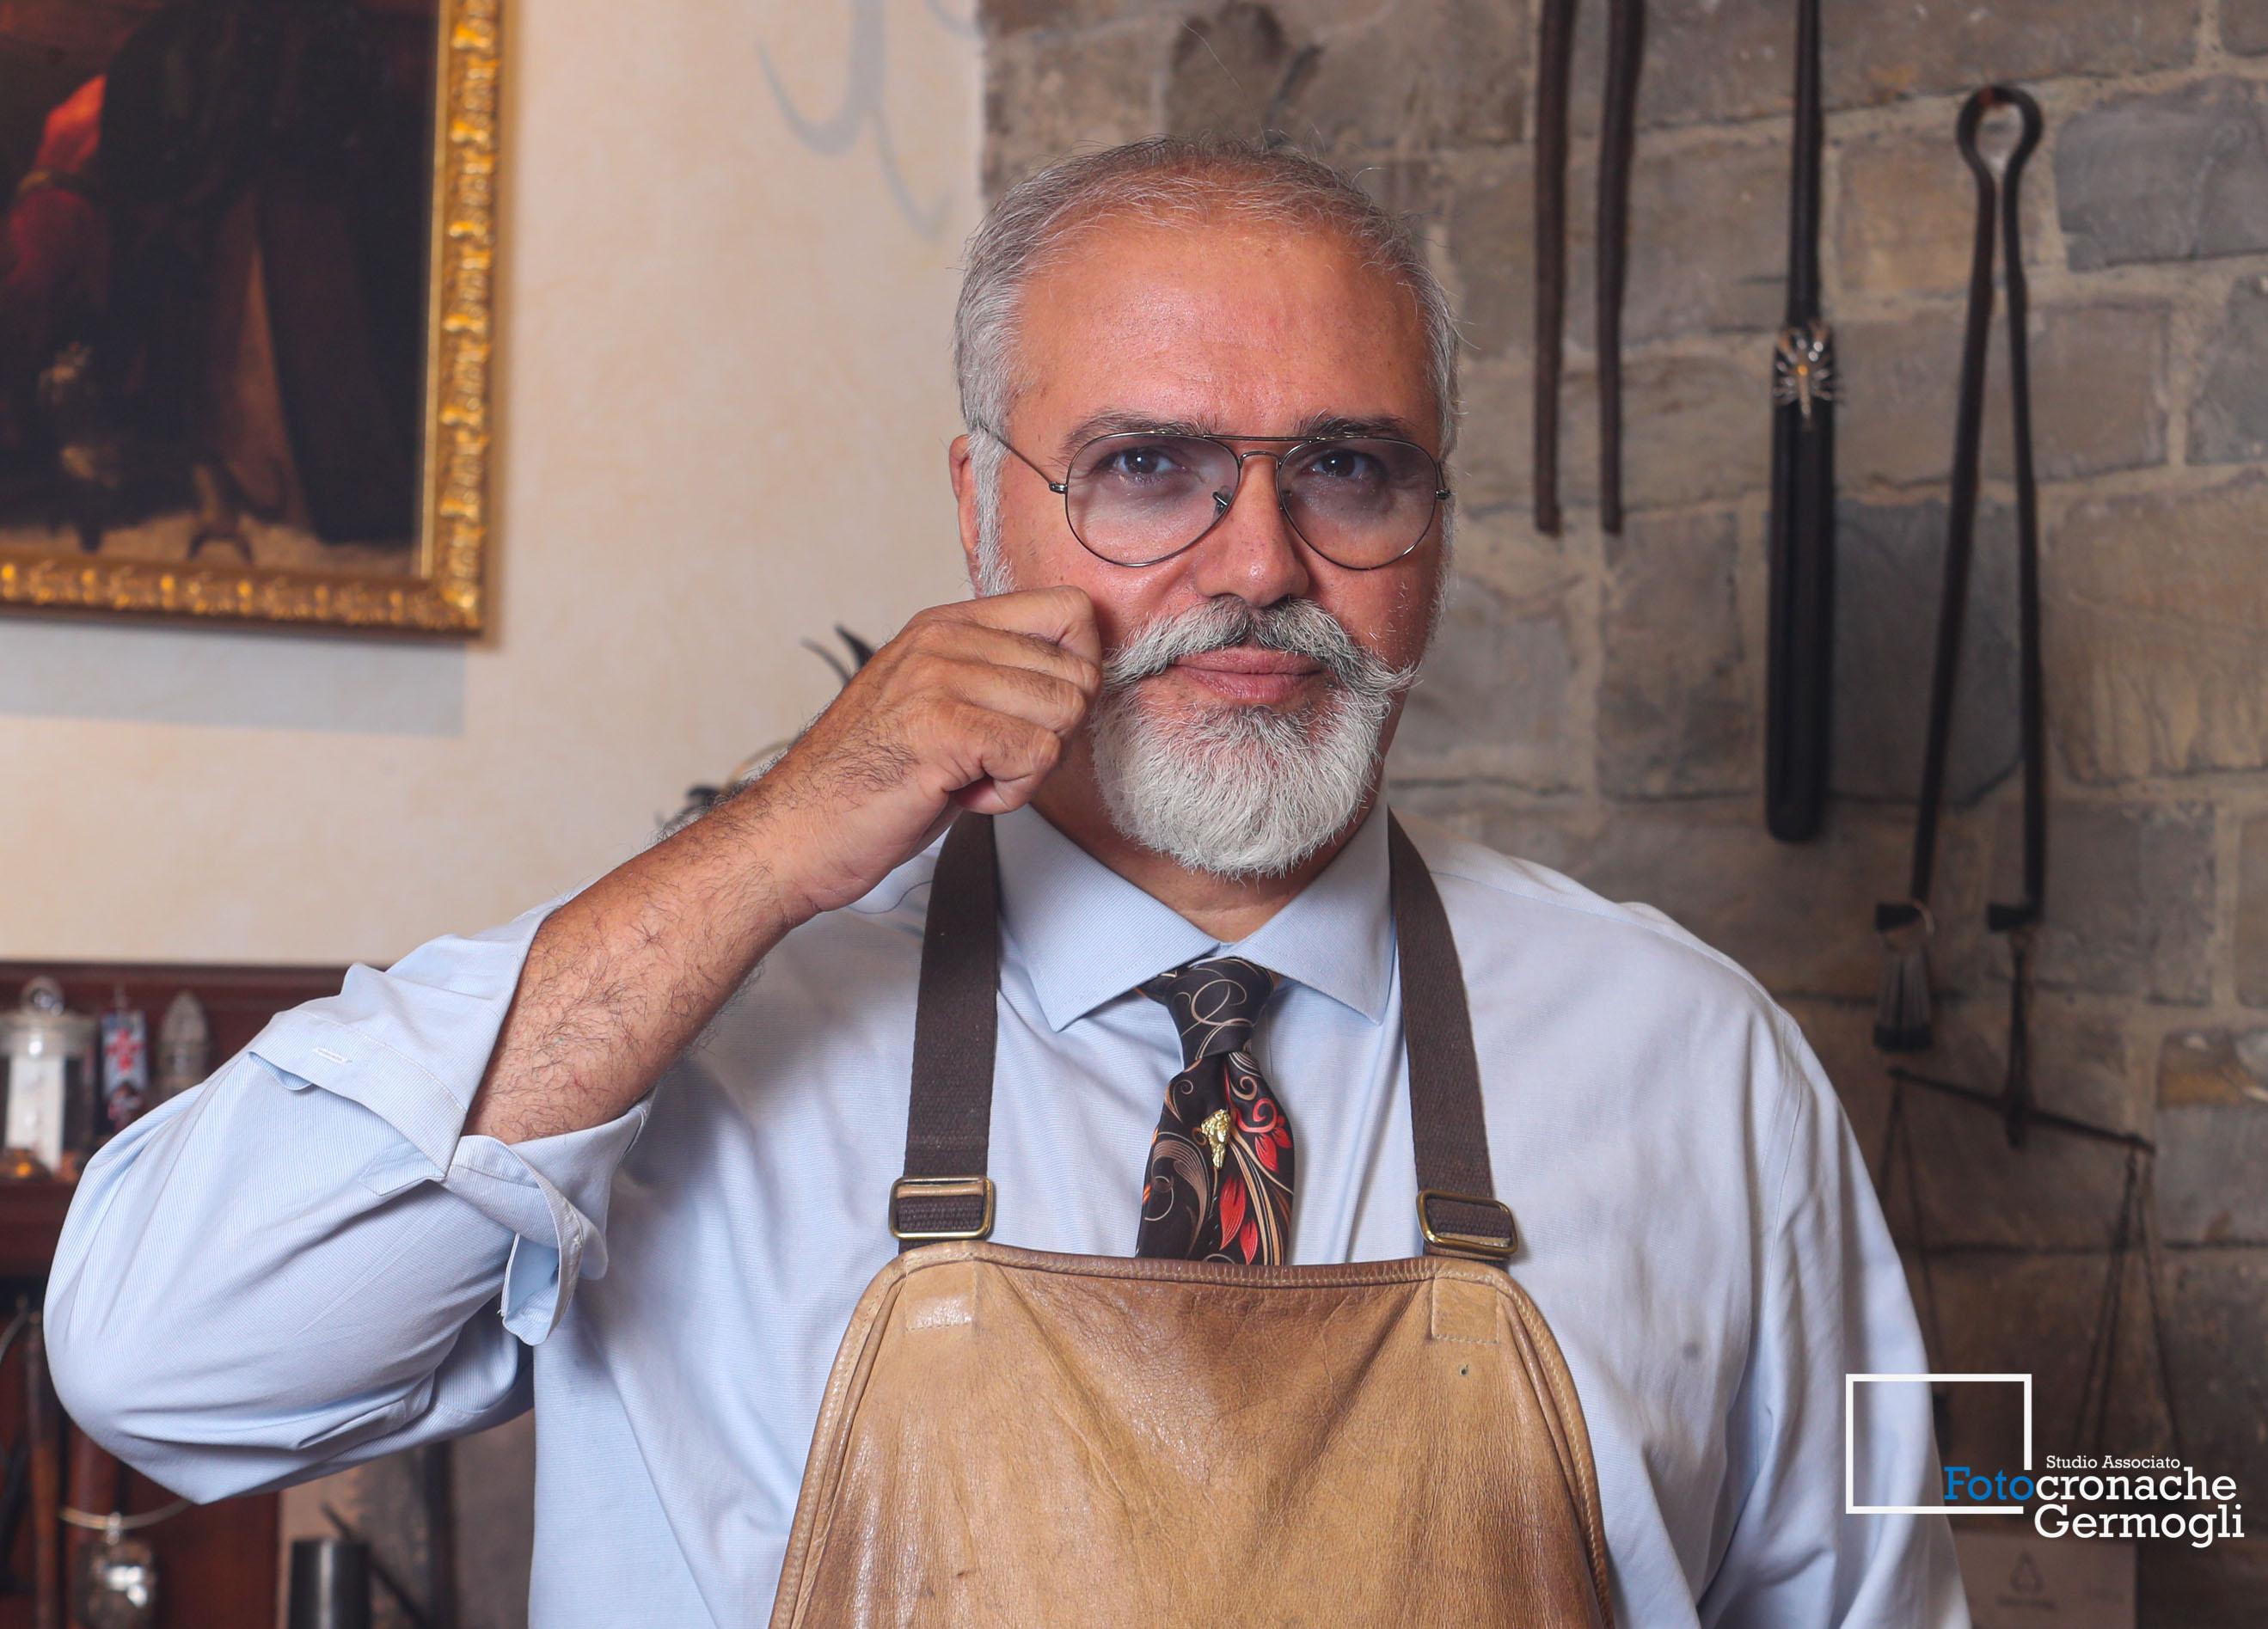 Paolo Penko: maestro orafo fiorentino